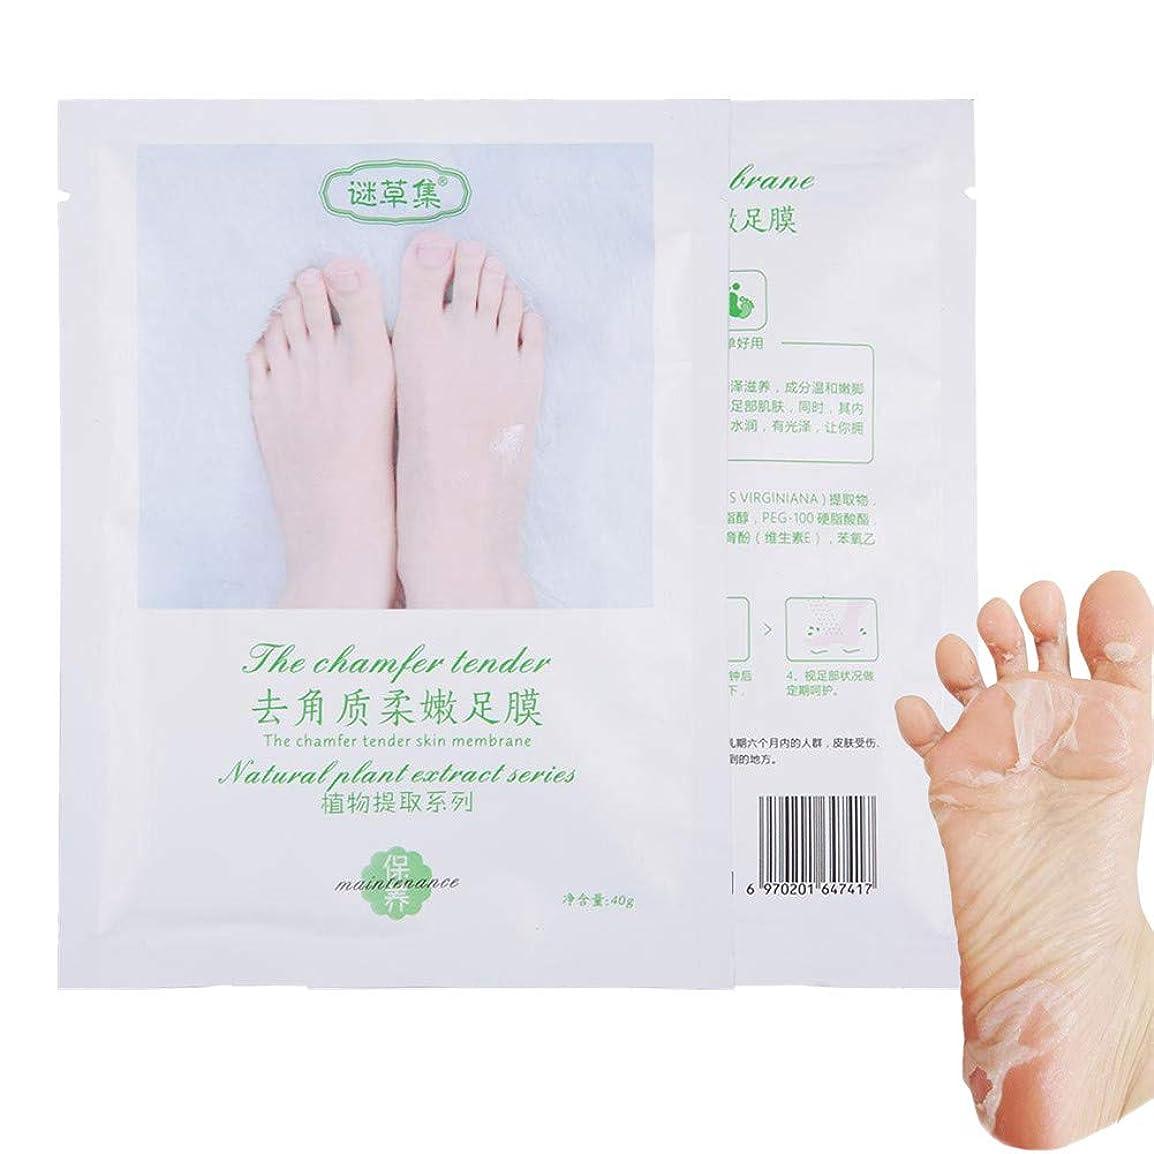 ブロックする洗う過敏な足の皮をむくマスク、角質を柔らかくし、皮を死なせる2組のCutinの取り外しのマスク滑らかなかかとの剥離のソックスフィートの膜